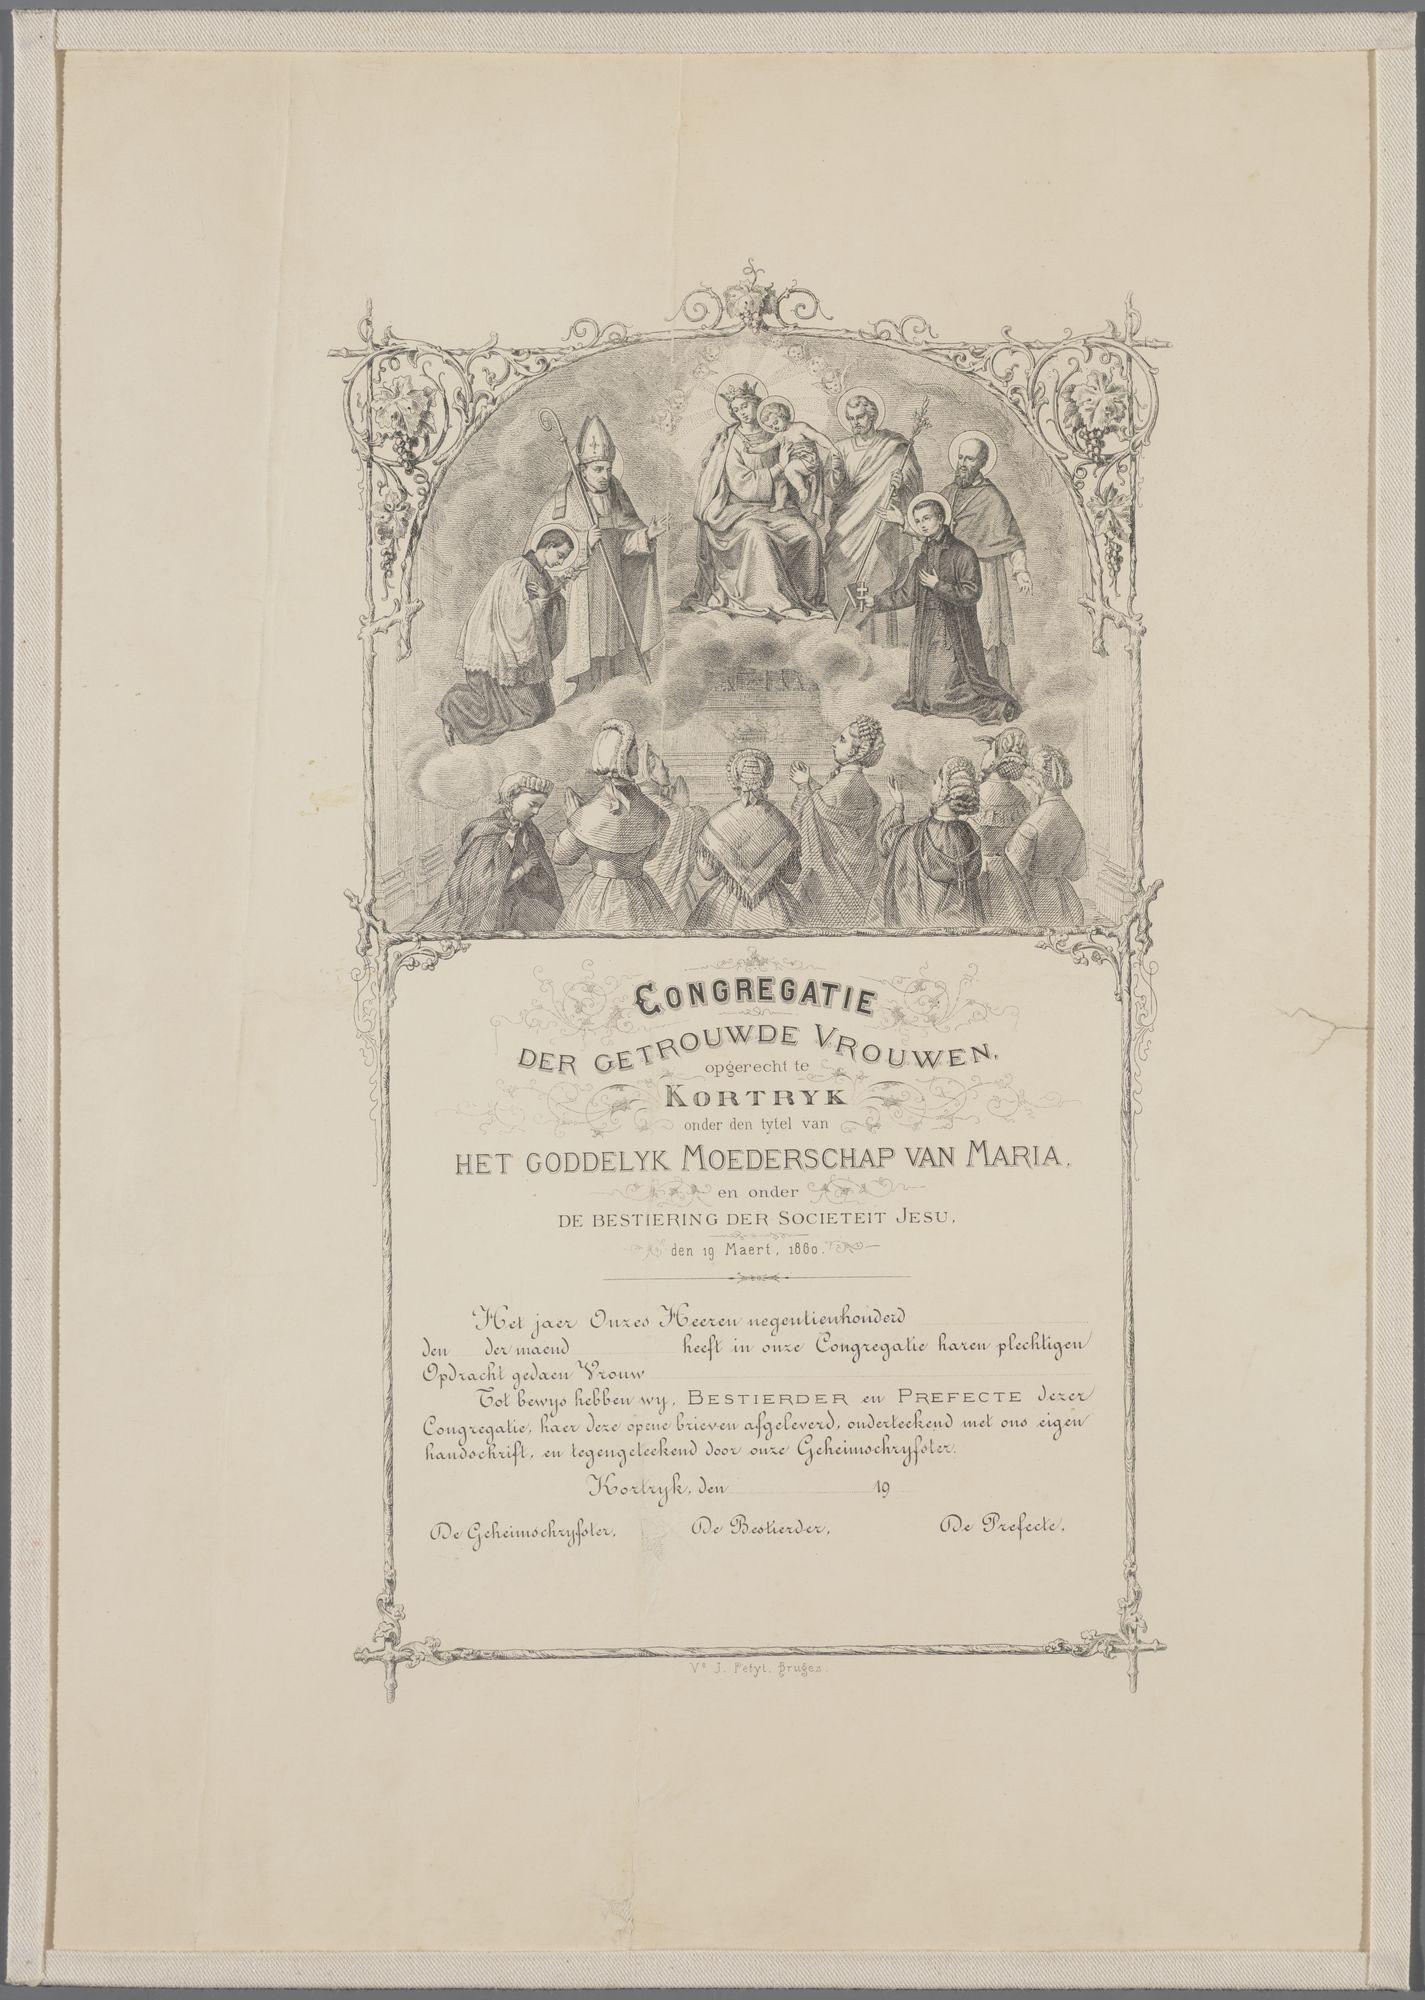 Oprichting van de Congregatie der getrouwde vrouwen